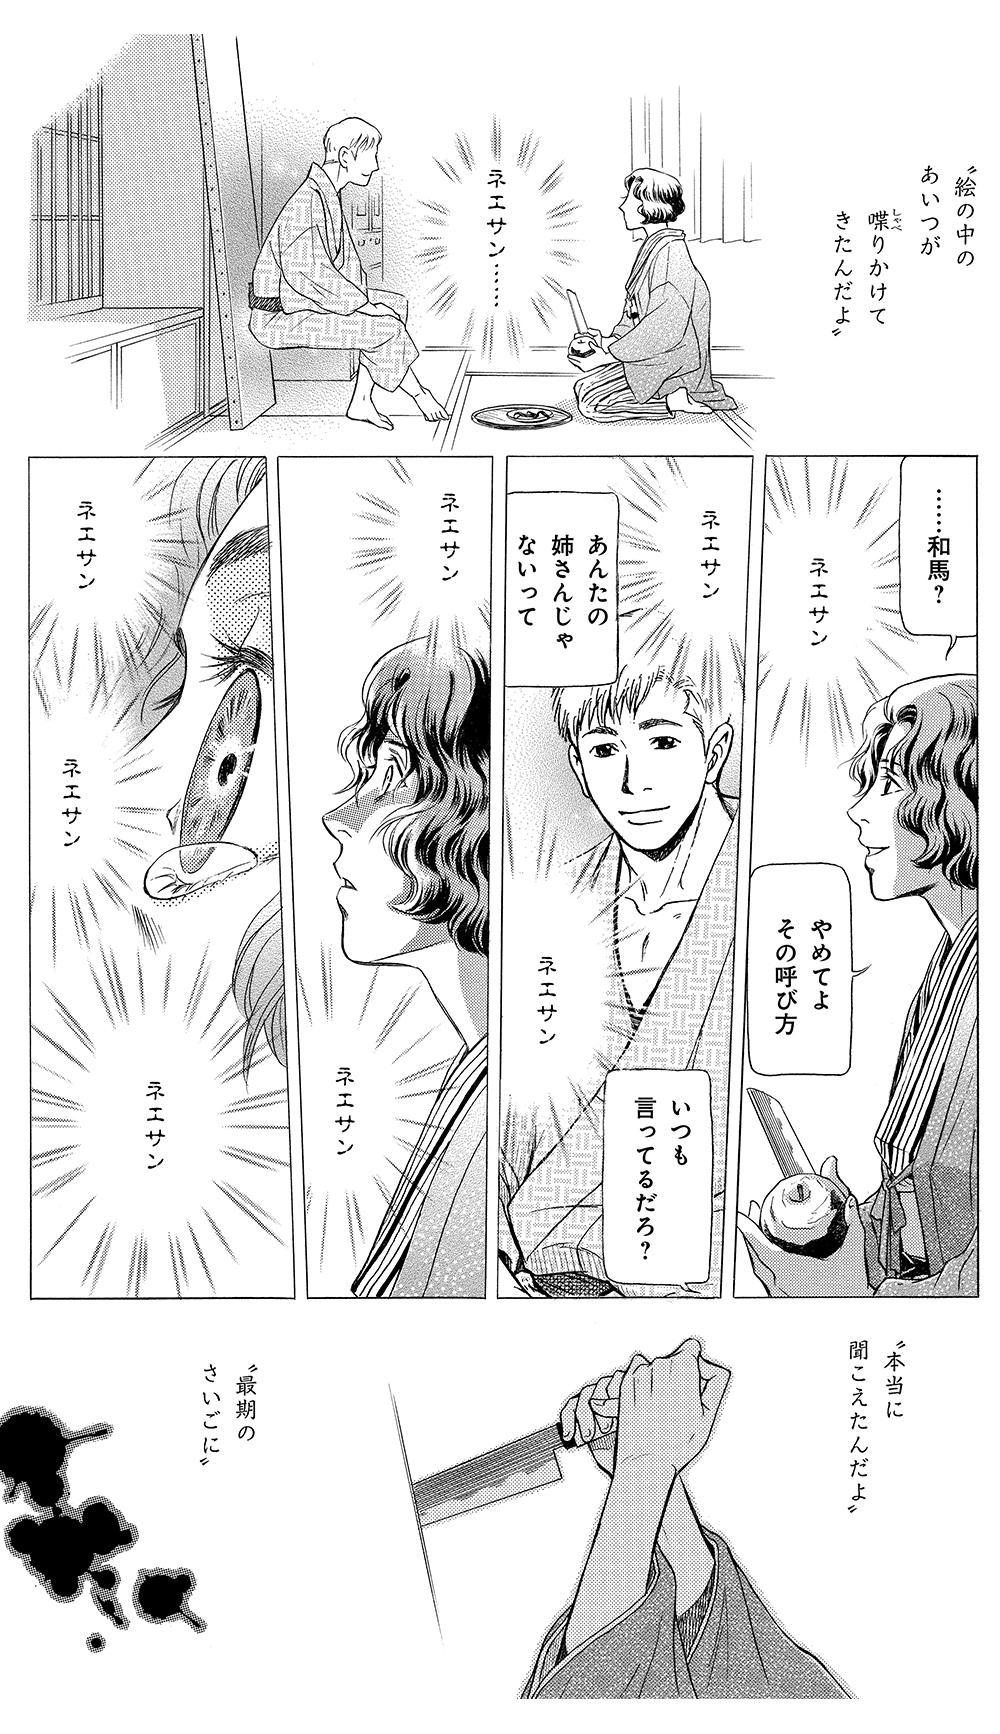 鵼の絵師 第2話「おきみやげ」②nuenoeshi04-14.jpg